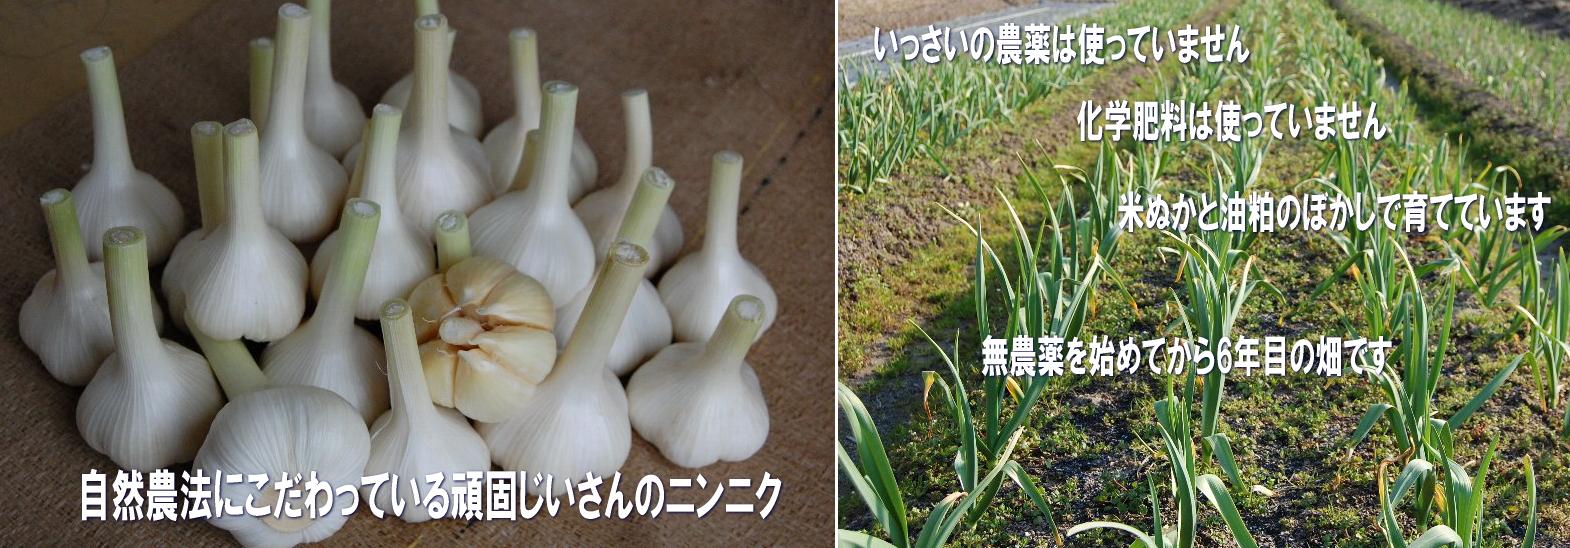 自然農法のこだわりニンニク